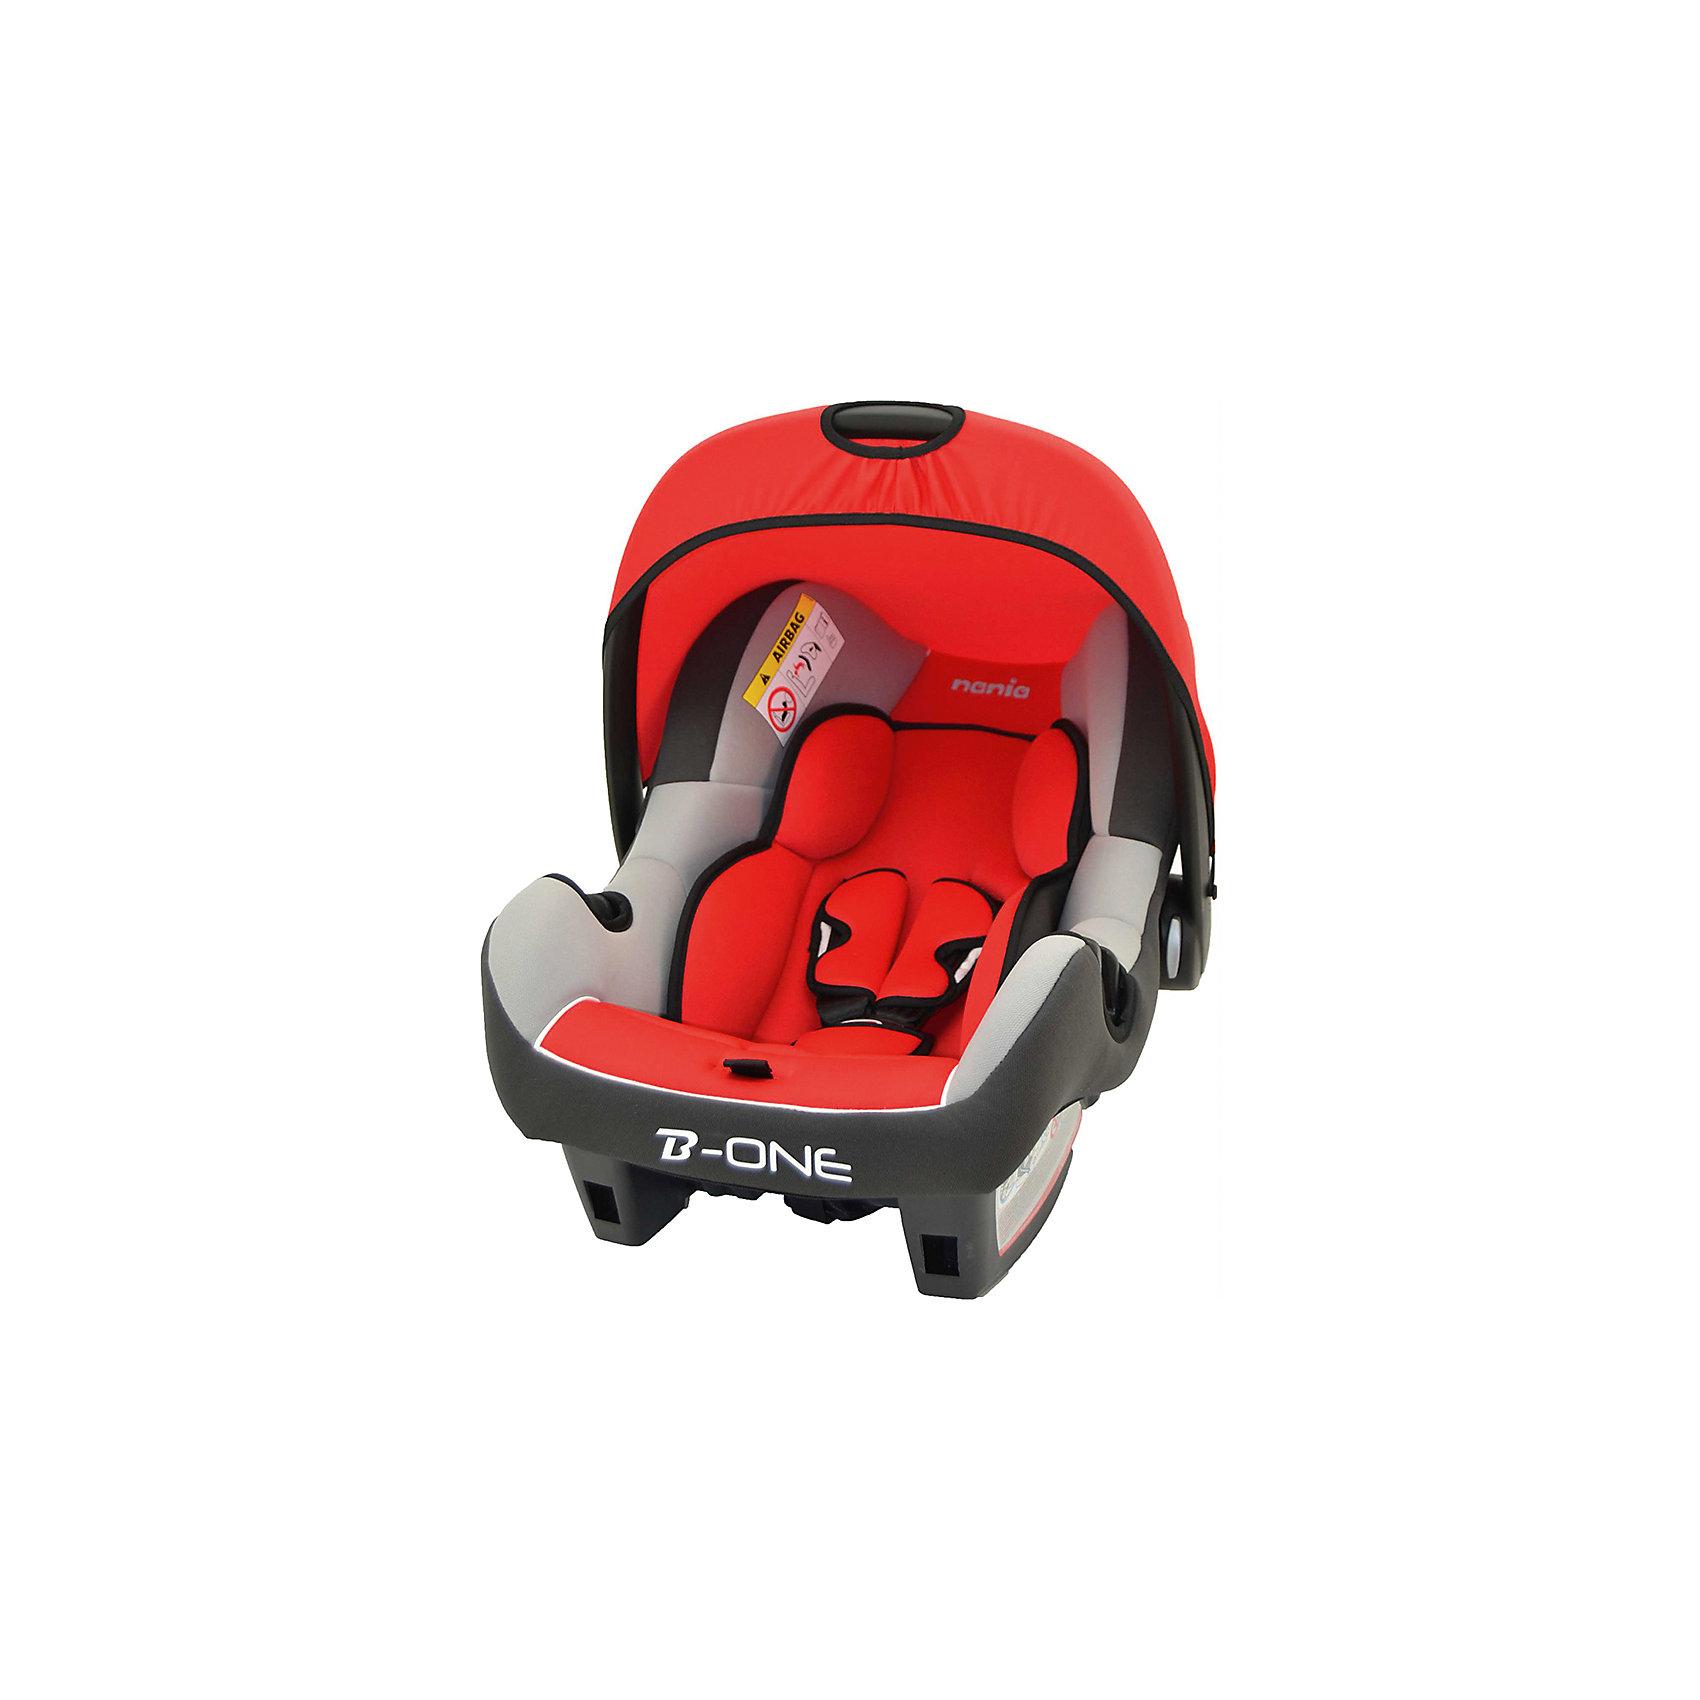 Автокресло Nania BEONE SP 0-13 кг, AGORA CARMIN LUXE SHADOW/GRIS CLAIR серый/красный/светло-серыйГруппа 0+ (До 13 кг)<br>Яркое и комфортабельное детское автокресло Nania ANIMALS, что может быть прекрасней для Вашего ребенка?<br>Его используют для детей до 1 года, весом до 13 кг. Каркас, имеющий анатомическую форму, изготовлен из полипропилена. Трех точечный ремень безопасности. Съёмные тканевые части можно стирать вручную.<br><br>Характеристики:<br>- Группа: 0+( от 0 до 13кг).<br>- 3-точечные ремни безопасности с центральной регулировкой.<br>- Спинка не регулируется.<br>- Съемные и моющиеся чехлы.<br>- Вид крепления: штатным ремнем автомобиля.<br>- Способ установки: на заднем сиденье лицом против направления движения и на переднем сиденье только в том случае, если подушка безопасности отключена.<br><br>Дополнительная информация:<br><br>- Возраст: от 0 до 9 месяцев.<br>- Материал: пластик, текстиль.<br>- Цвет: серый/красный/светло-серый.   <br>- Размер упаковки: 65х44х30 см.<br>- Вес в упаковке: 2900 кг.<br><br>Купить автокресло BEONE SP, AGORA CARMIN LUXE SHADOW/GRIS CLAIR  в серый/красный/светло-серый цветах, можно в нашем магазине.<br><br>Ширина мм: 650<br>Глубина мм: 440<br>Высота мм: 300<br>Вес г: 2900<br>Возраст от месяцев: 0<br>Возраст до месяцев: 12<br>Пол: Унисекс<br>Возраст: Детский<br>SKU: 4828303